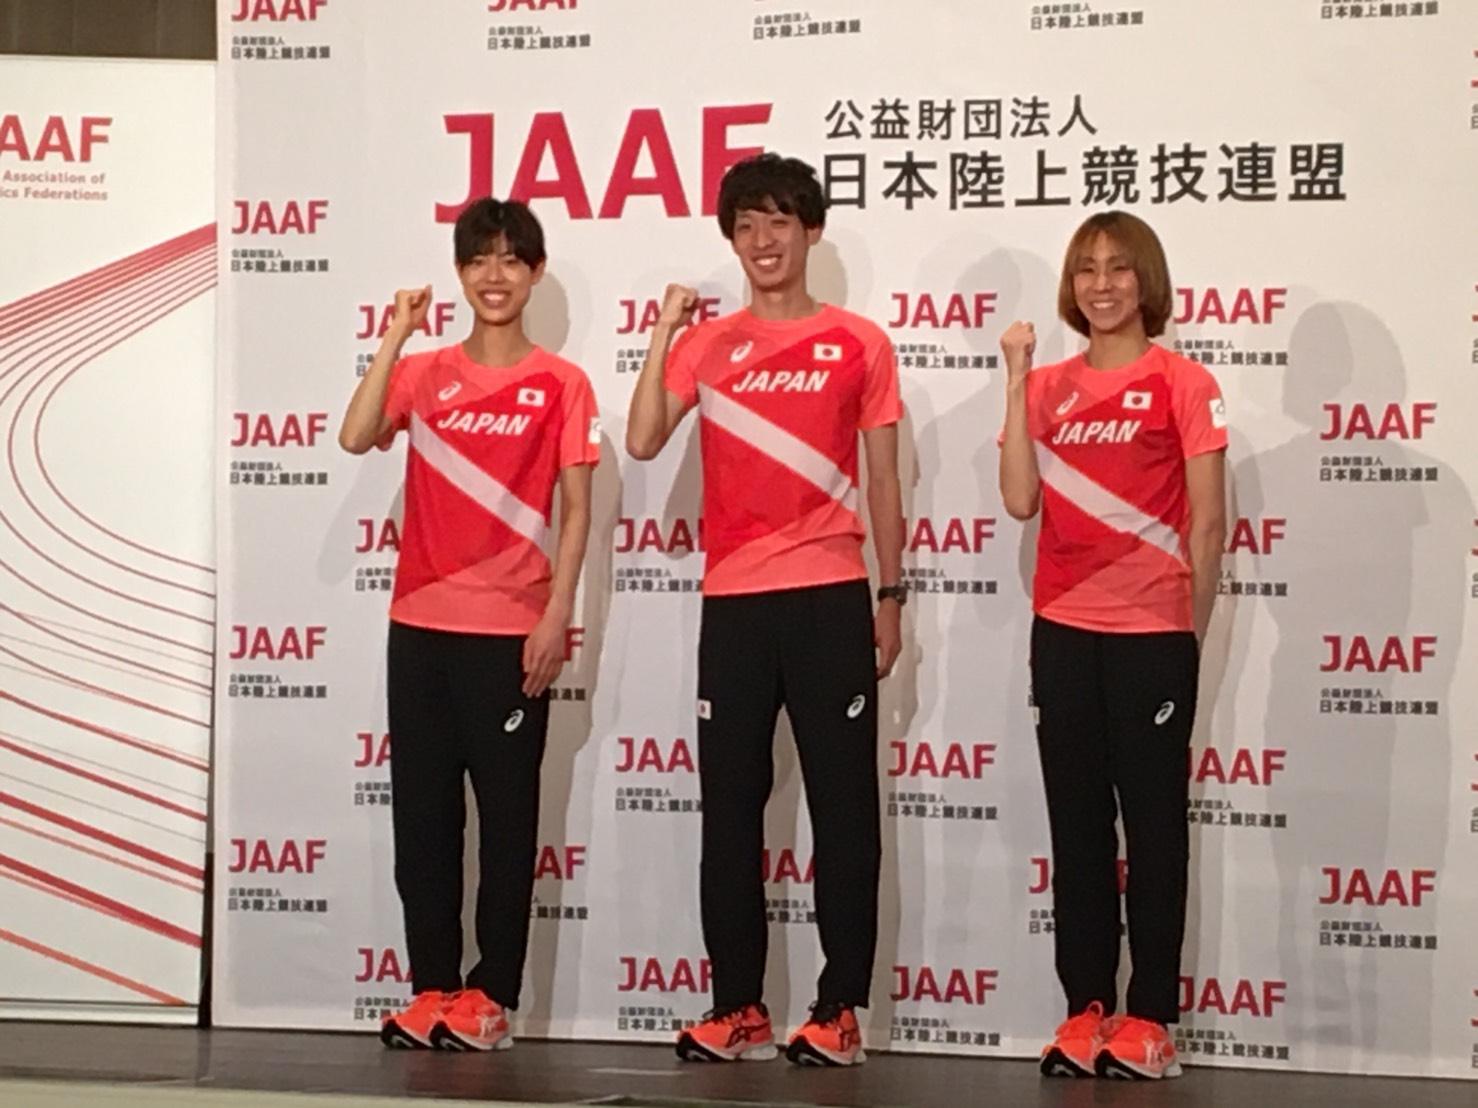 東京五輪代表内定つかんだ伊藤達彦、廣中璃梨佳、安藤友佳 激闘から一夜明け喜びの声